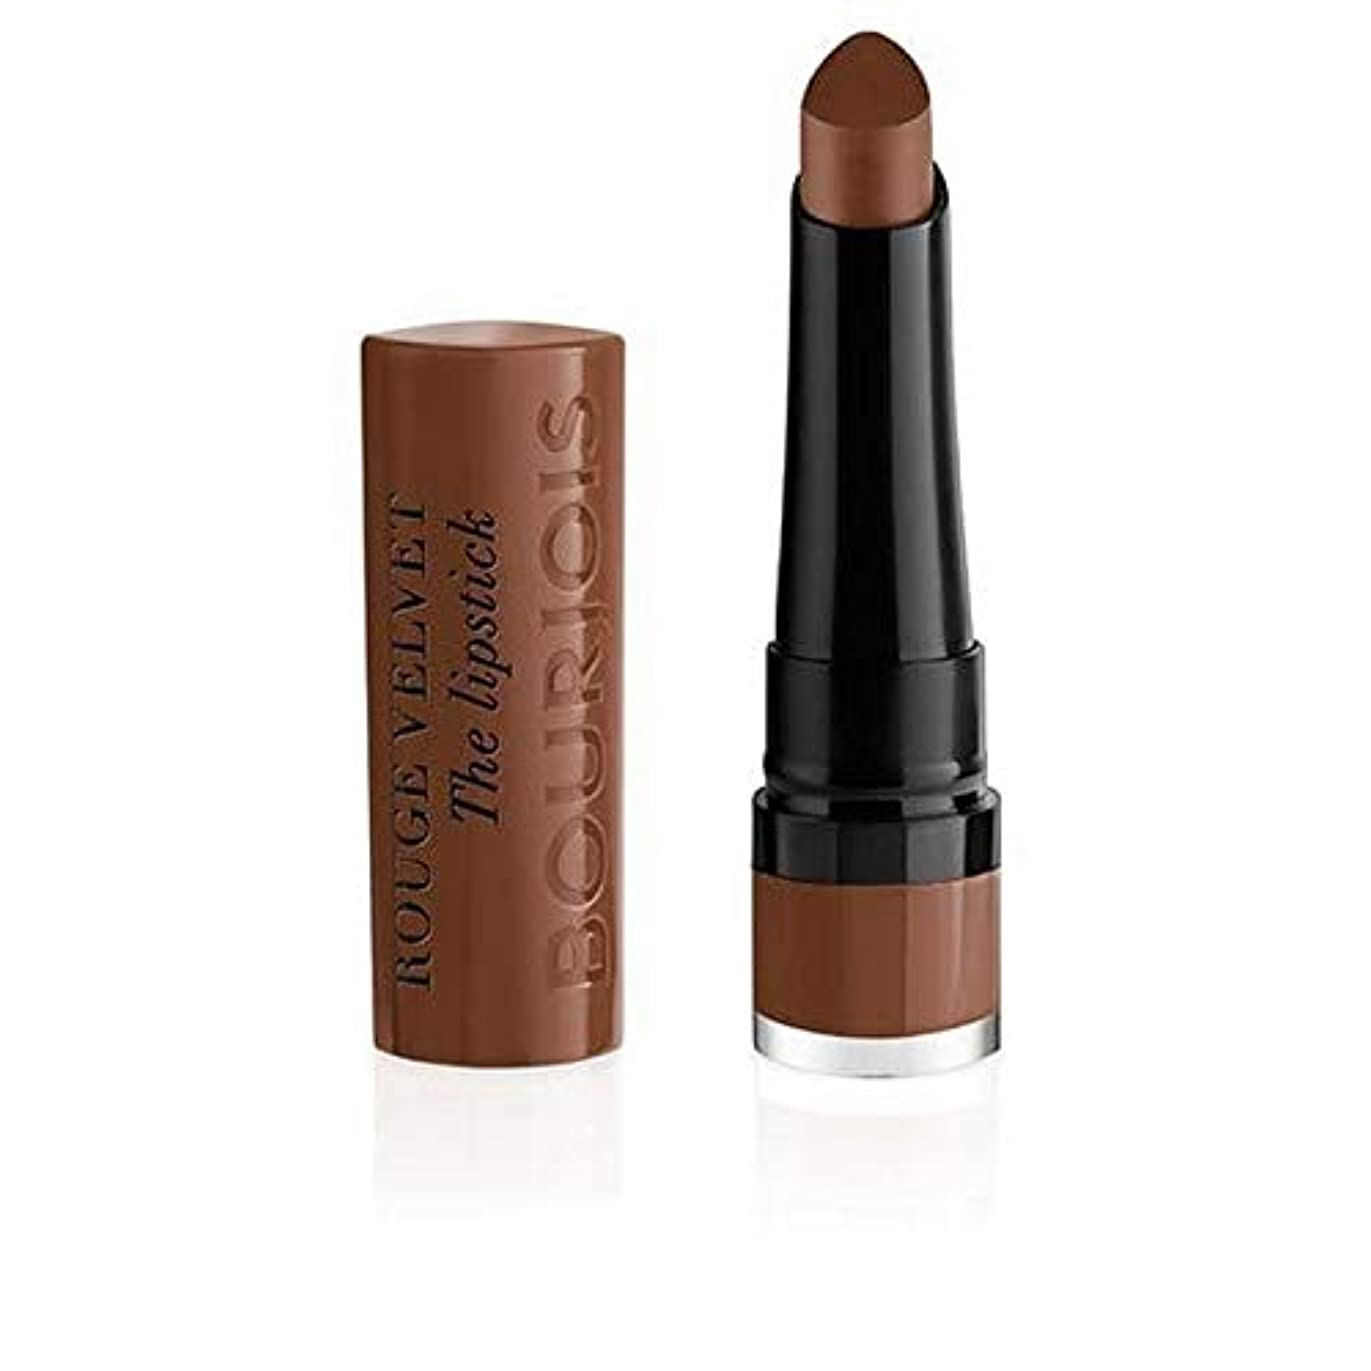 揮発性知人サイズ[Bourjois ] ブルジョワルージュのベルベット口紅 - Brownette 14 - Bourjois Rouge Velvet The Lipstick - Brownette 14 [並行輸入品]